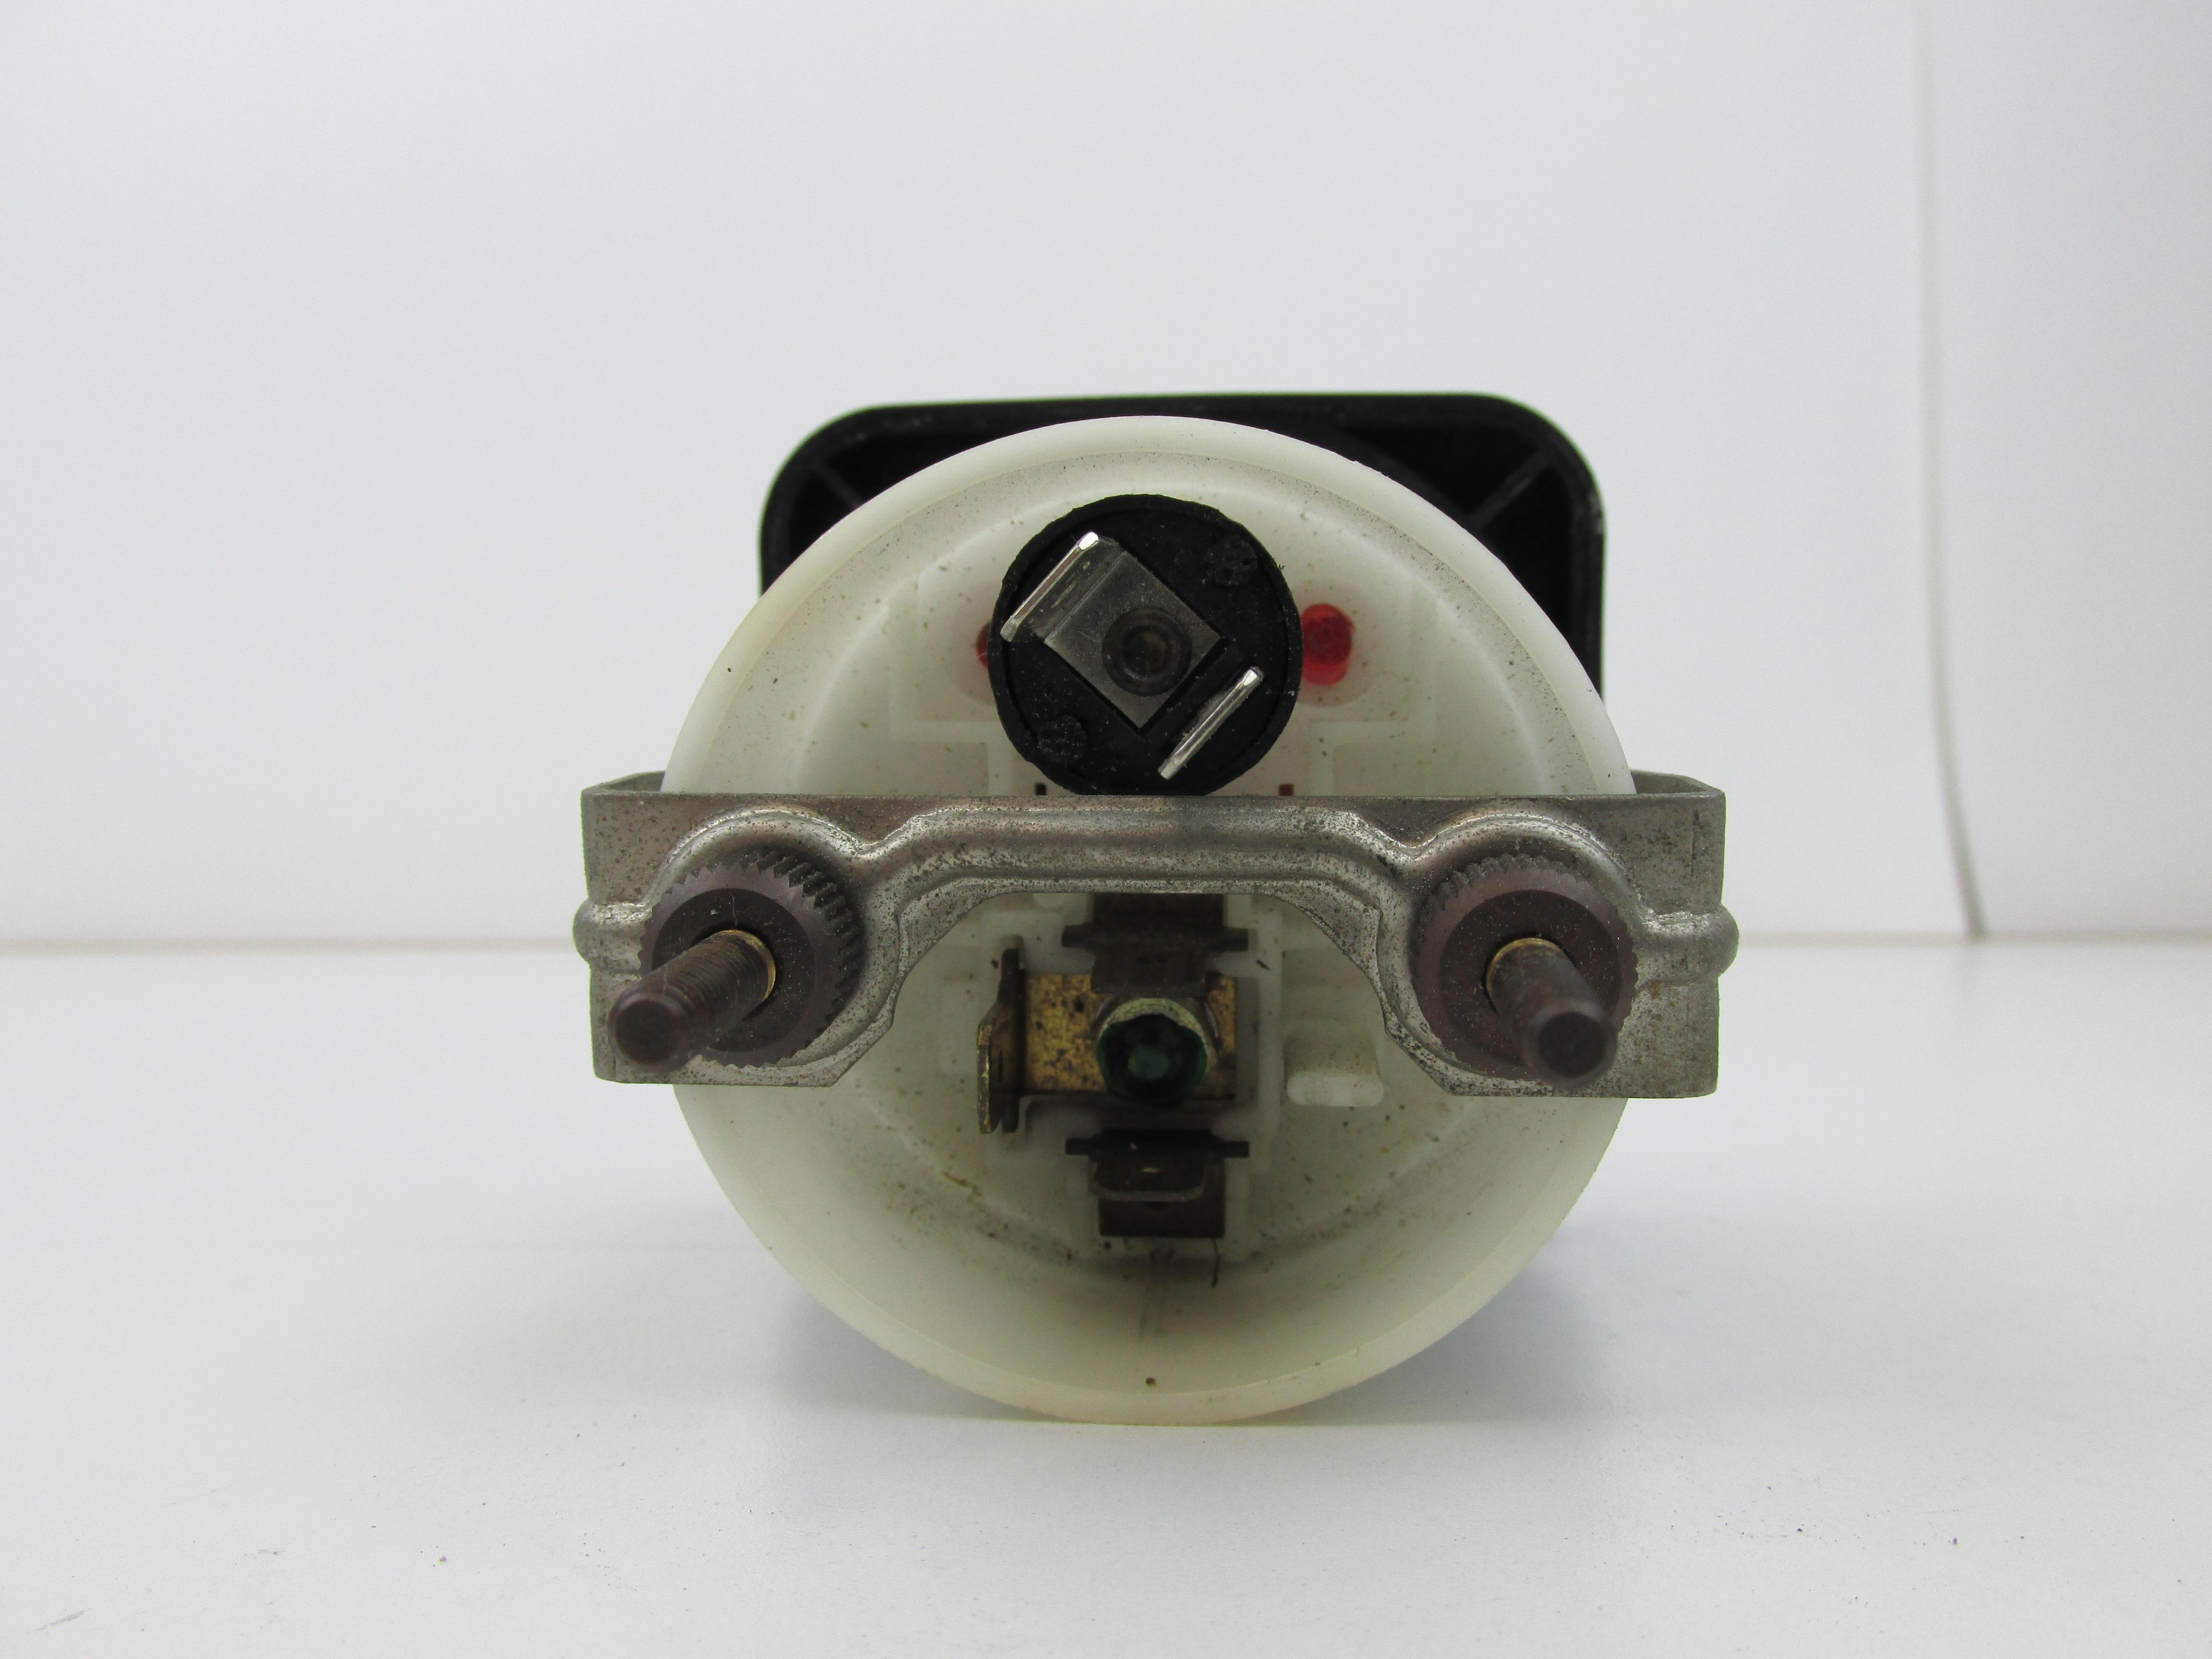 cummins vdo 0-350 psi pressure gauge